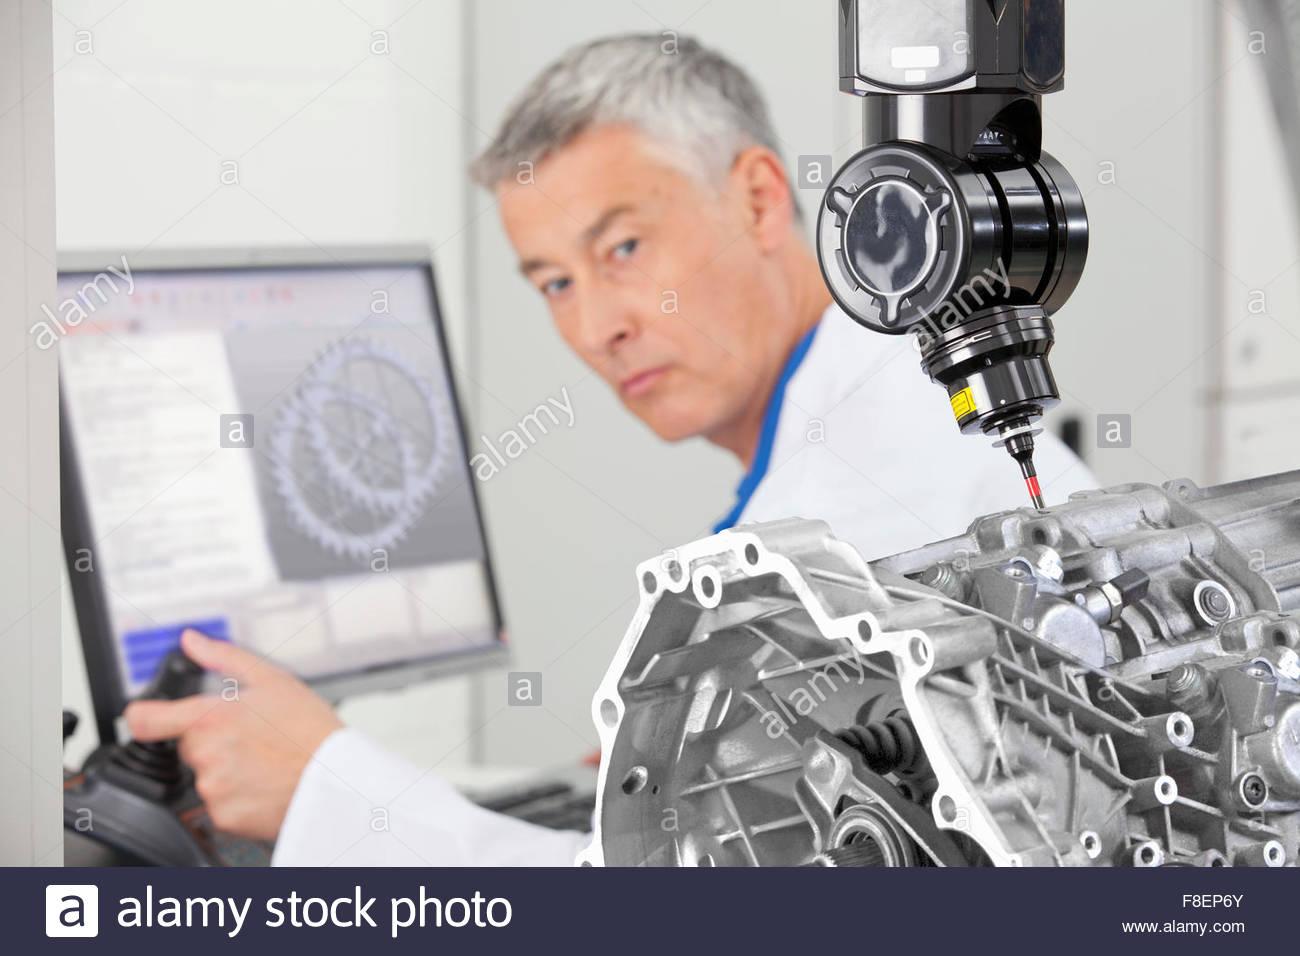 Ingegnere di lavoro al computer e girando verso di scansione della sonda blocco motore Immagini Stock